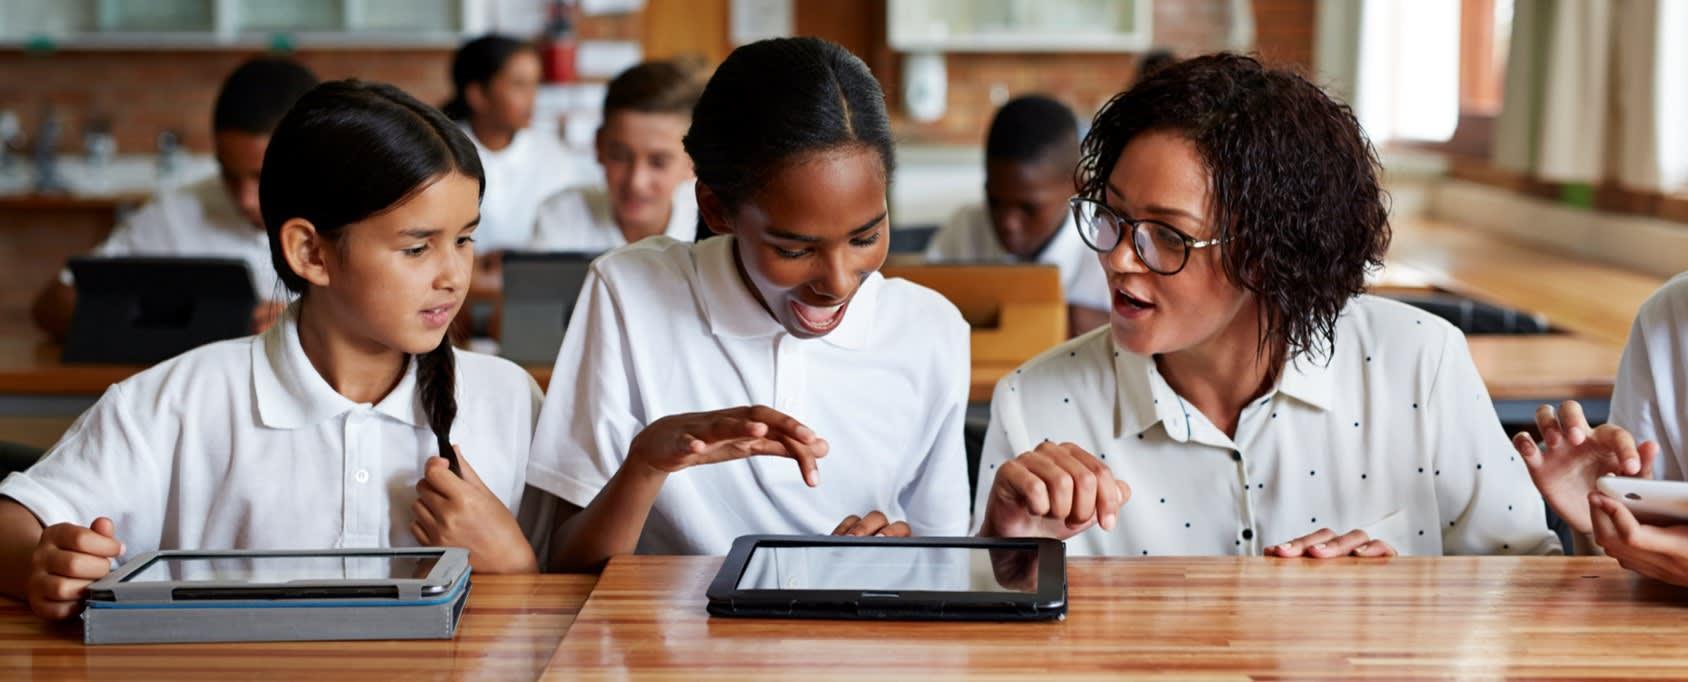 Enseigner la durabilité dans une nouvelle classe inspirante